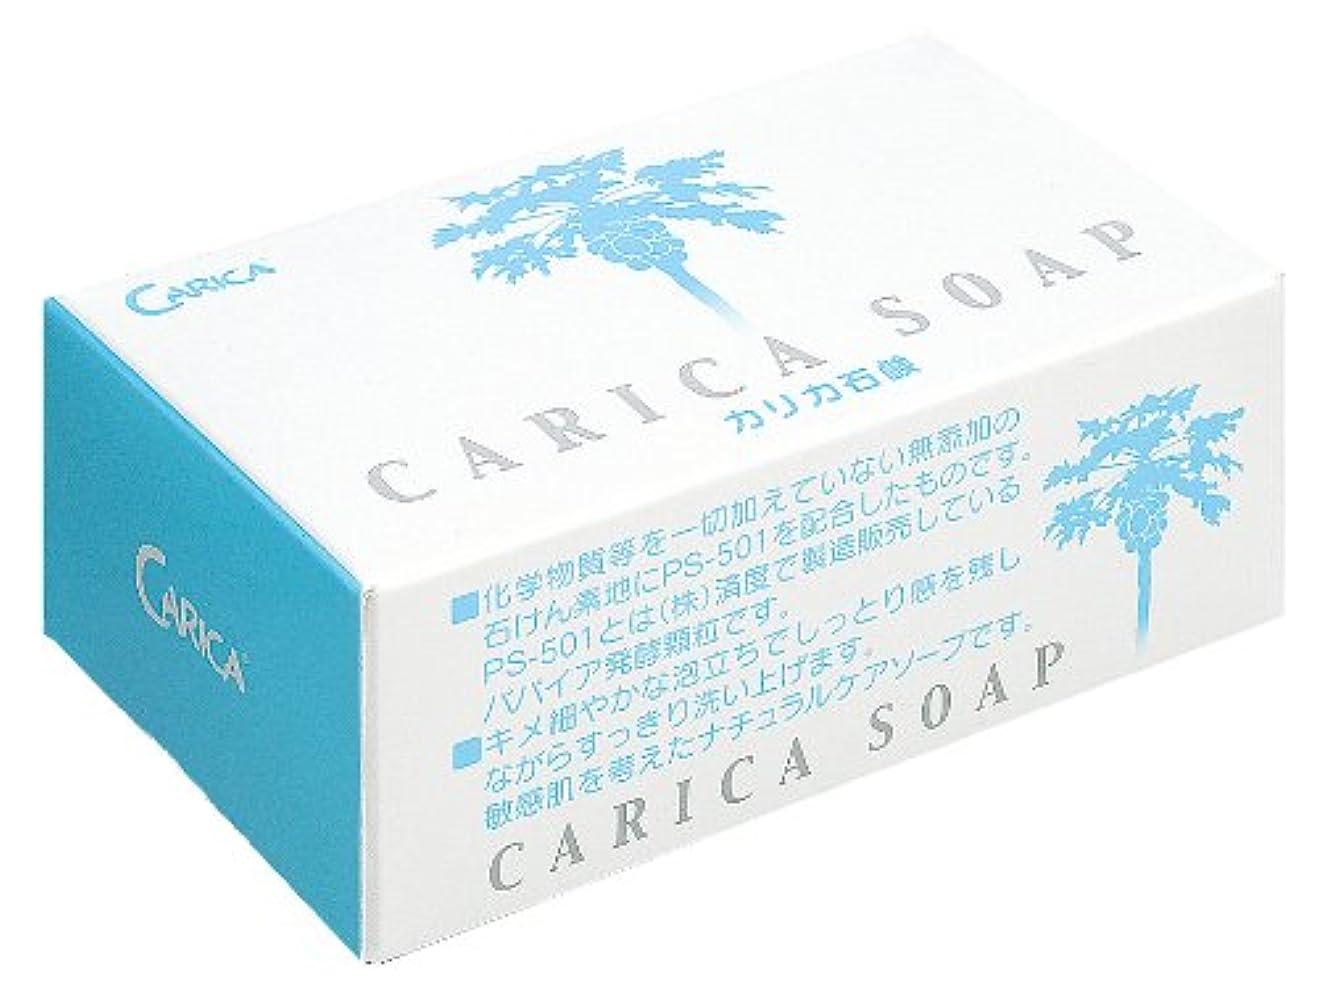 疫病ガジュマル邪魔するカリカ石鹸100g